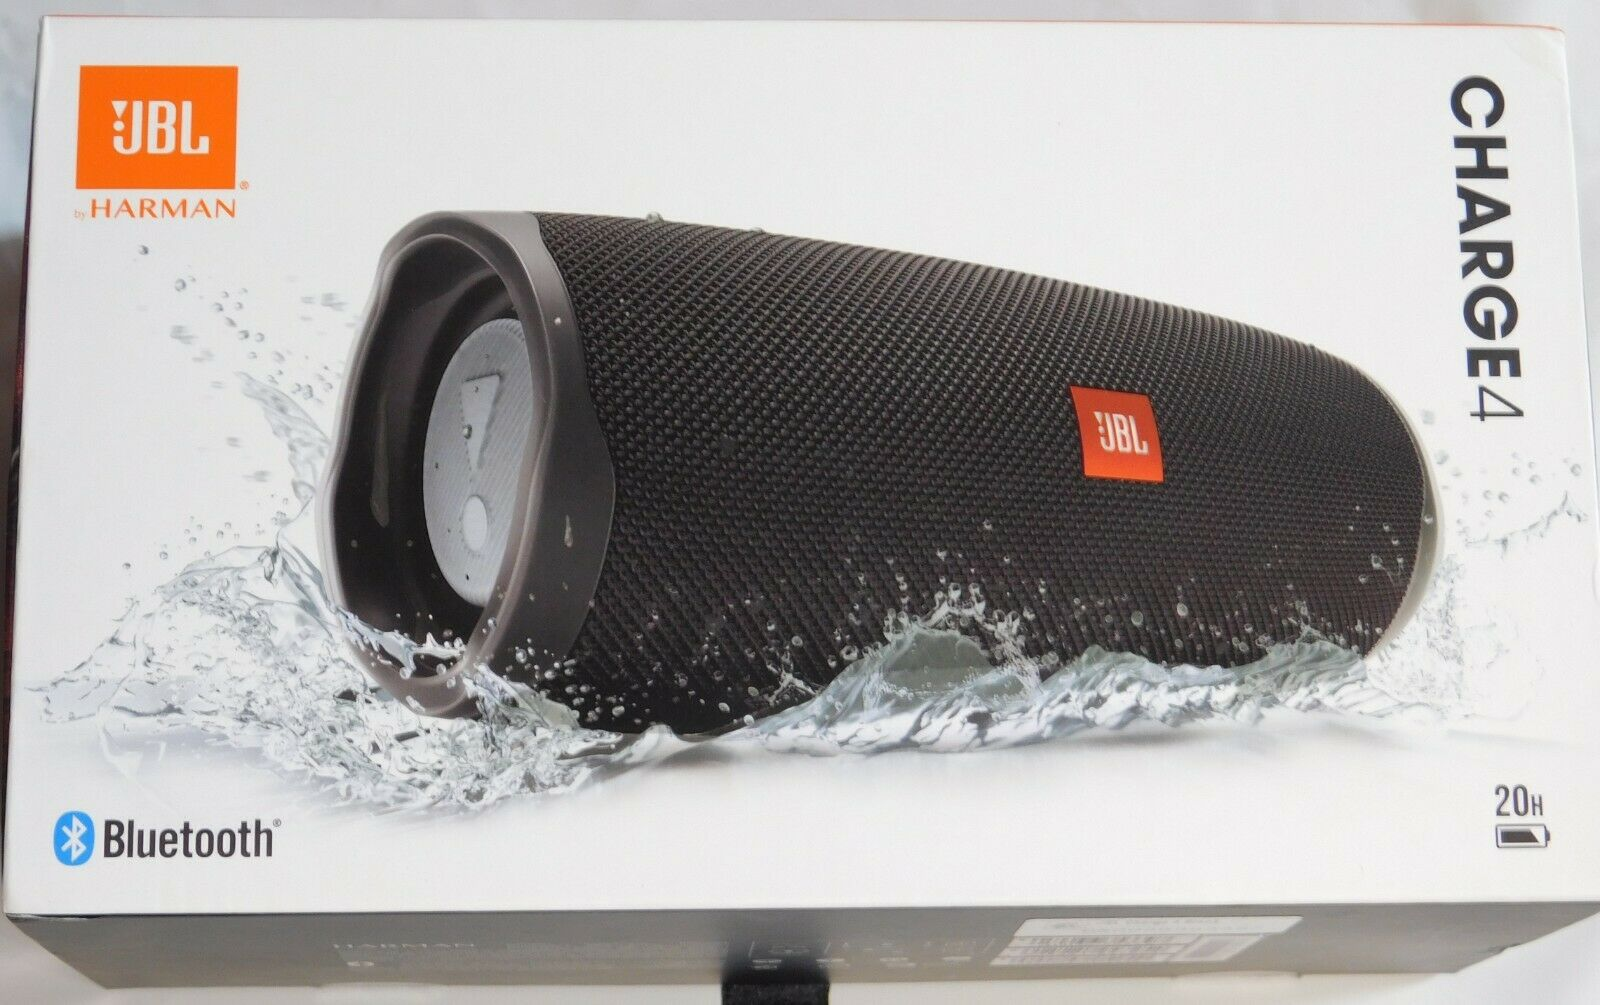 JBL Charge 4 Portable Waterproof Wireless Bluetooth Speaker Buy 10 Get 3 Free